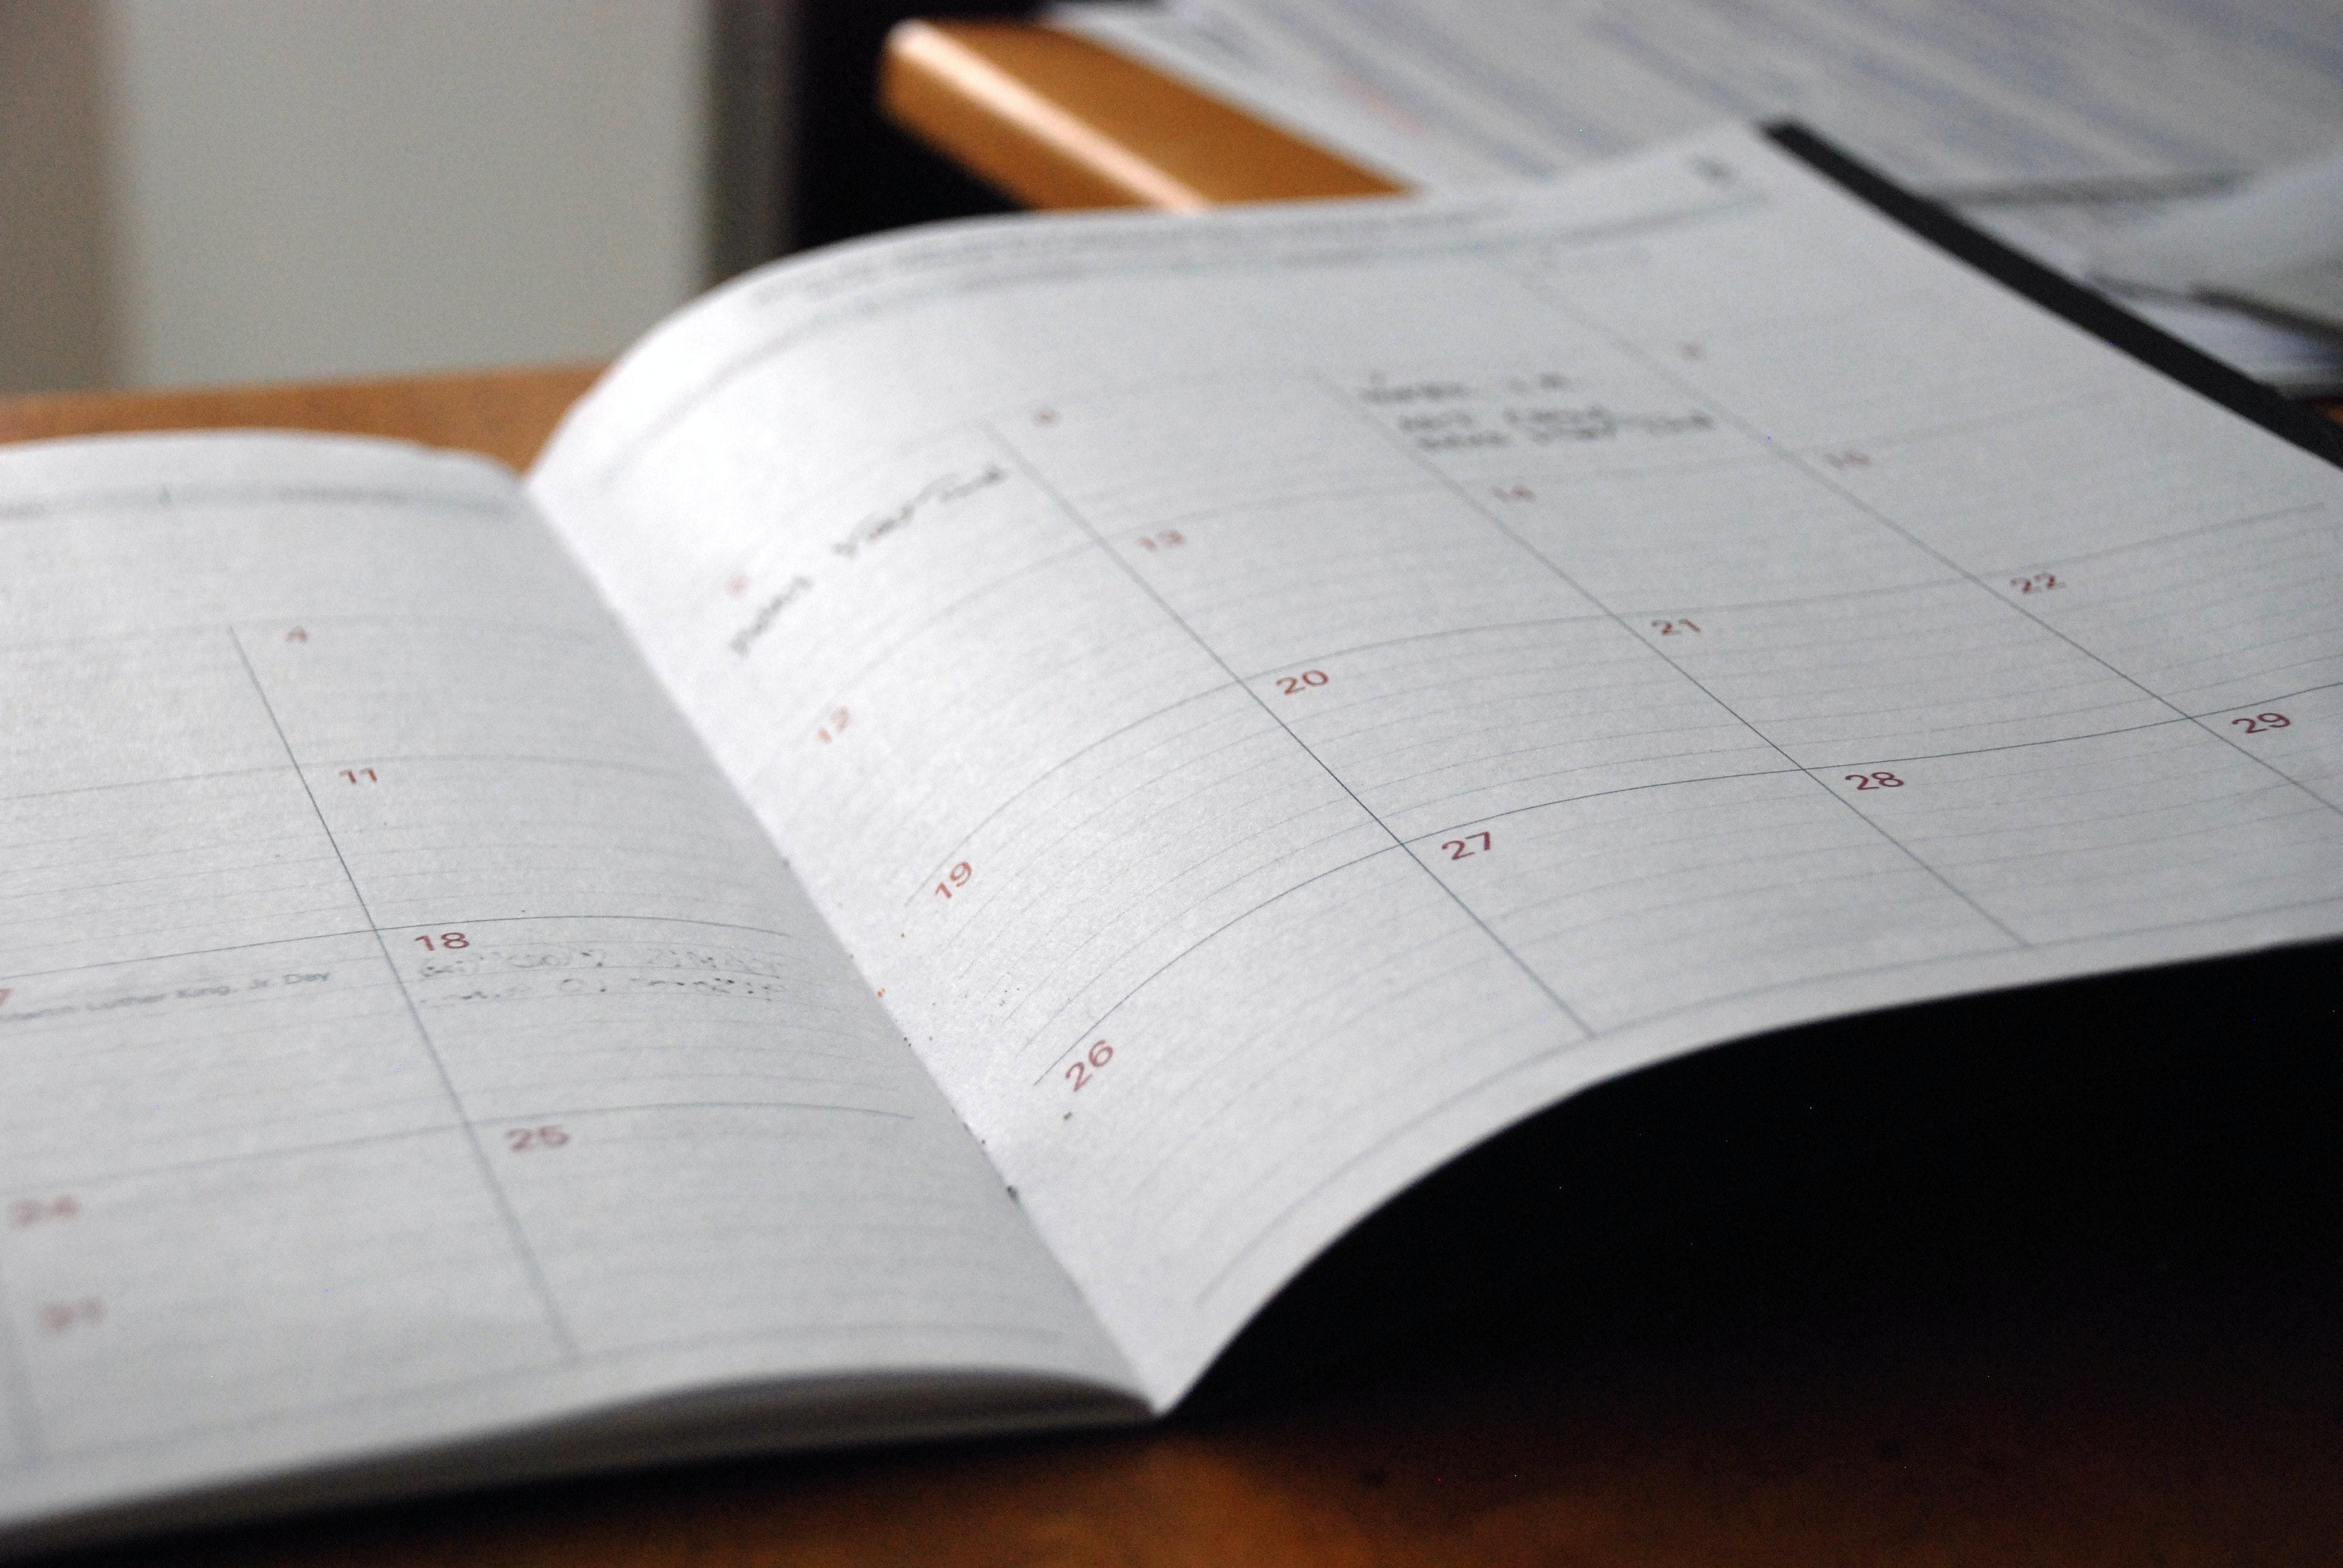 Tips for Planning + Goal Setting for 2021